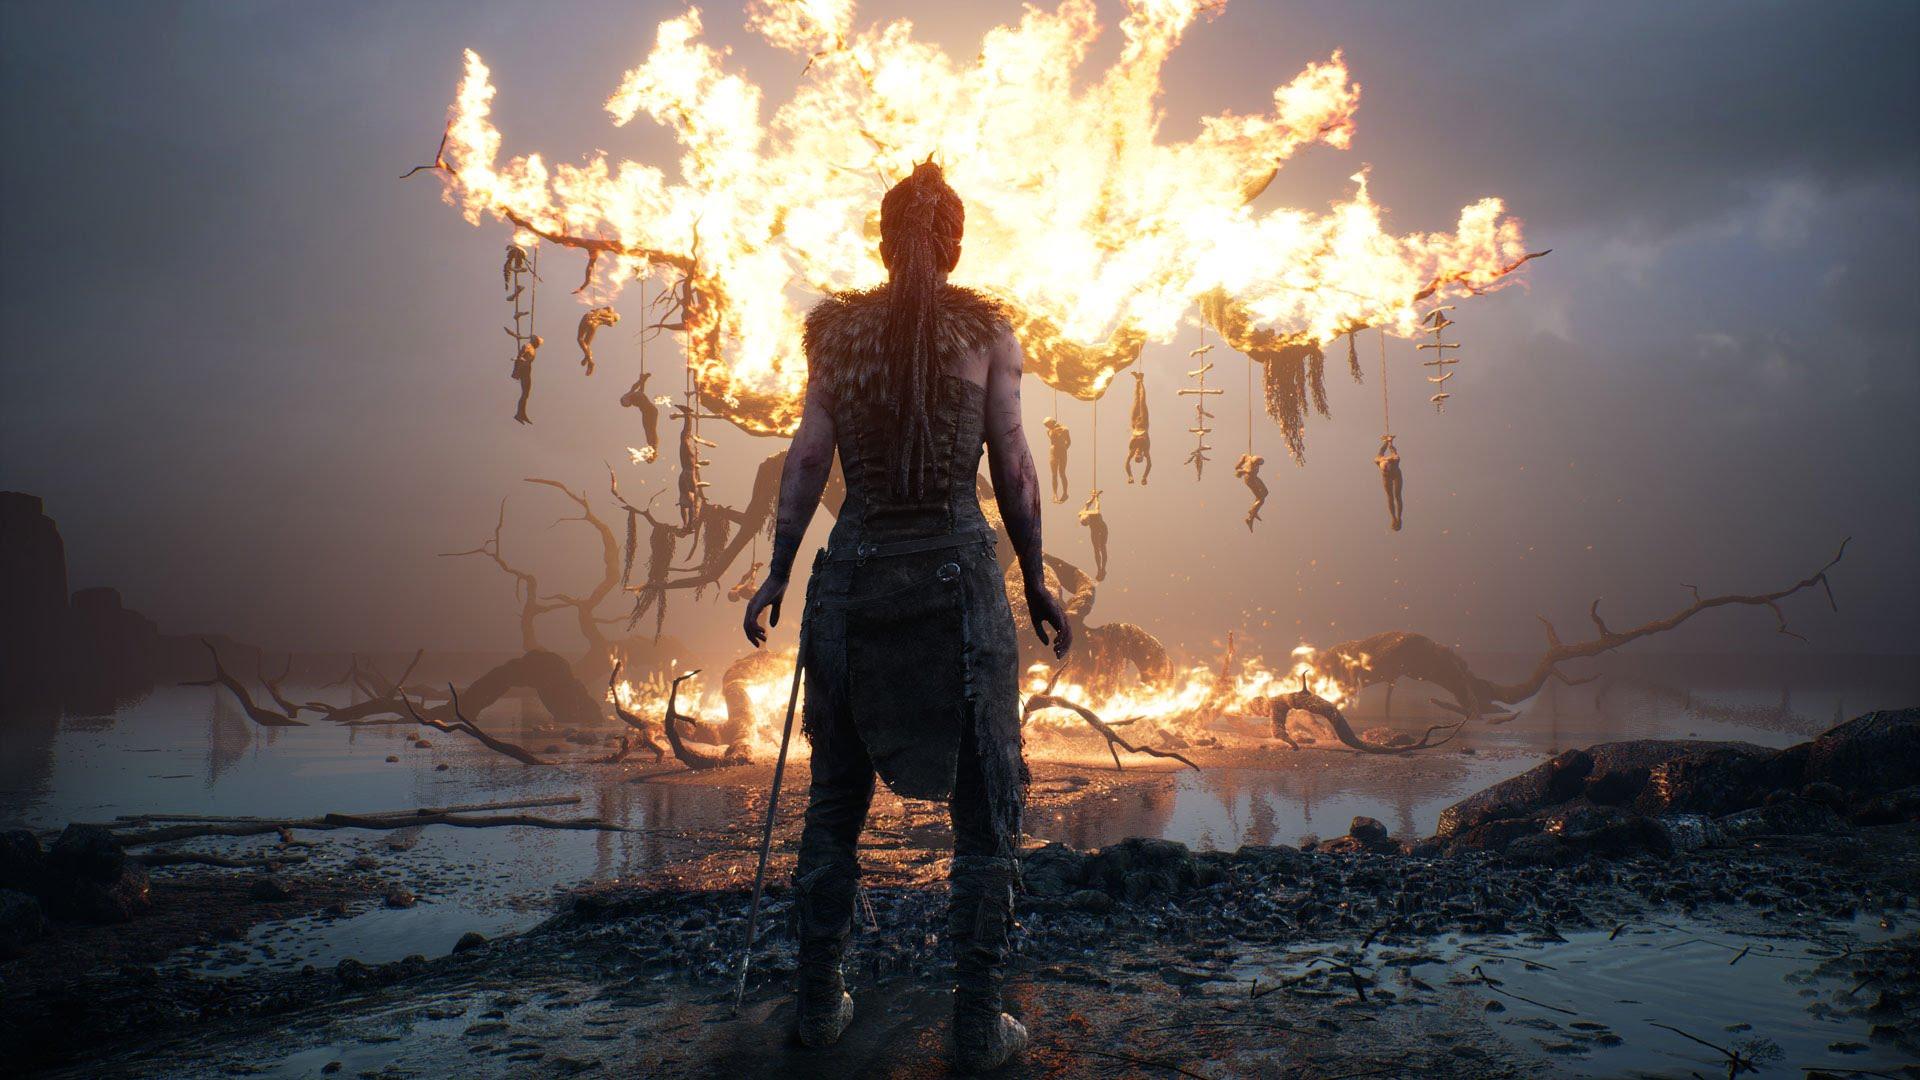 Черная Пятница: в GOG началась распродажа игр — скидки на Hellblade: Senua's Sacrifice, Witcher 3, Torment: Tides of Numenera и другие игры